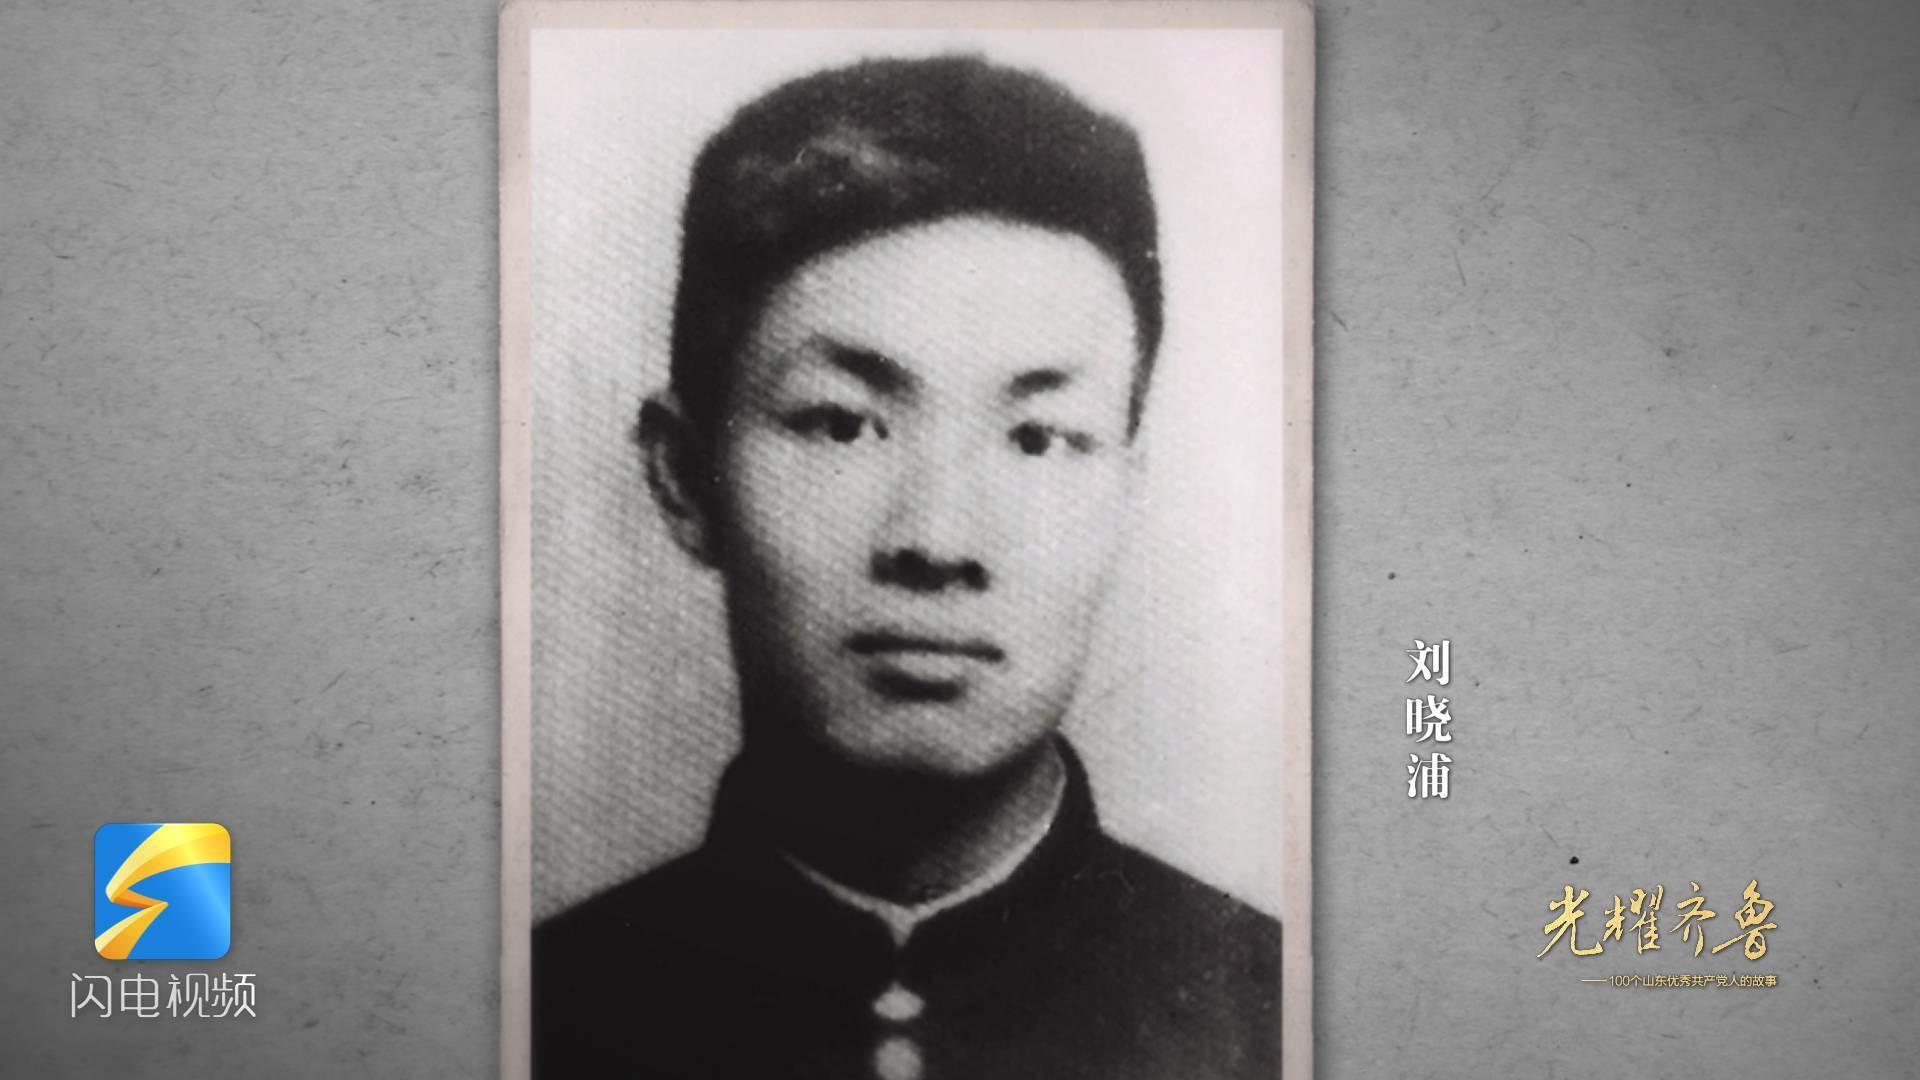 百集微纪录片《光耀齐鲁》丨刘晓浦的孙女:爷爷为了理想信念 抛弃安逸生活走向革命道路